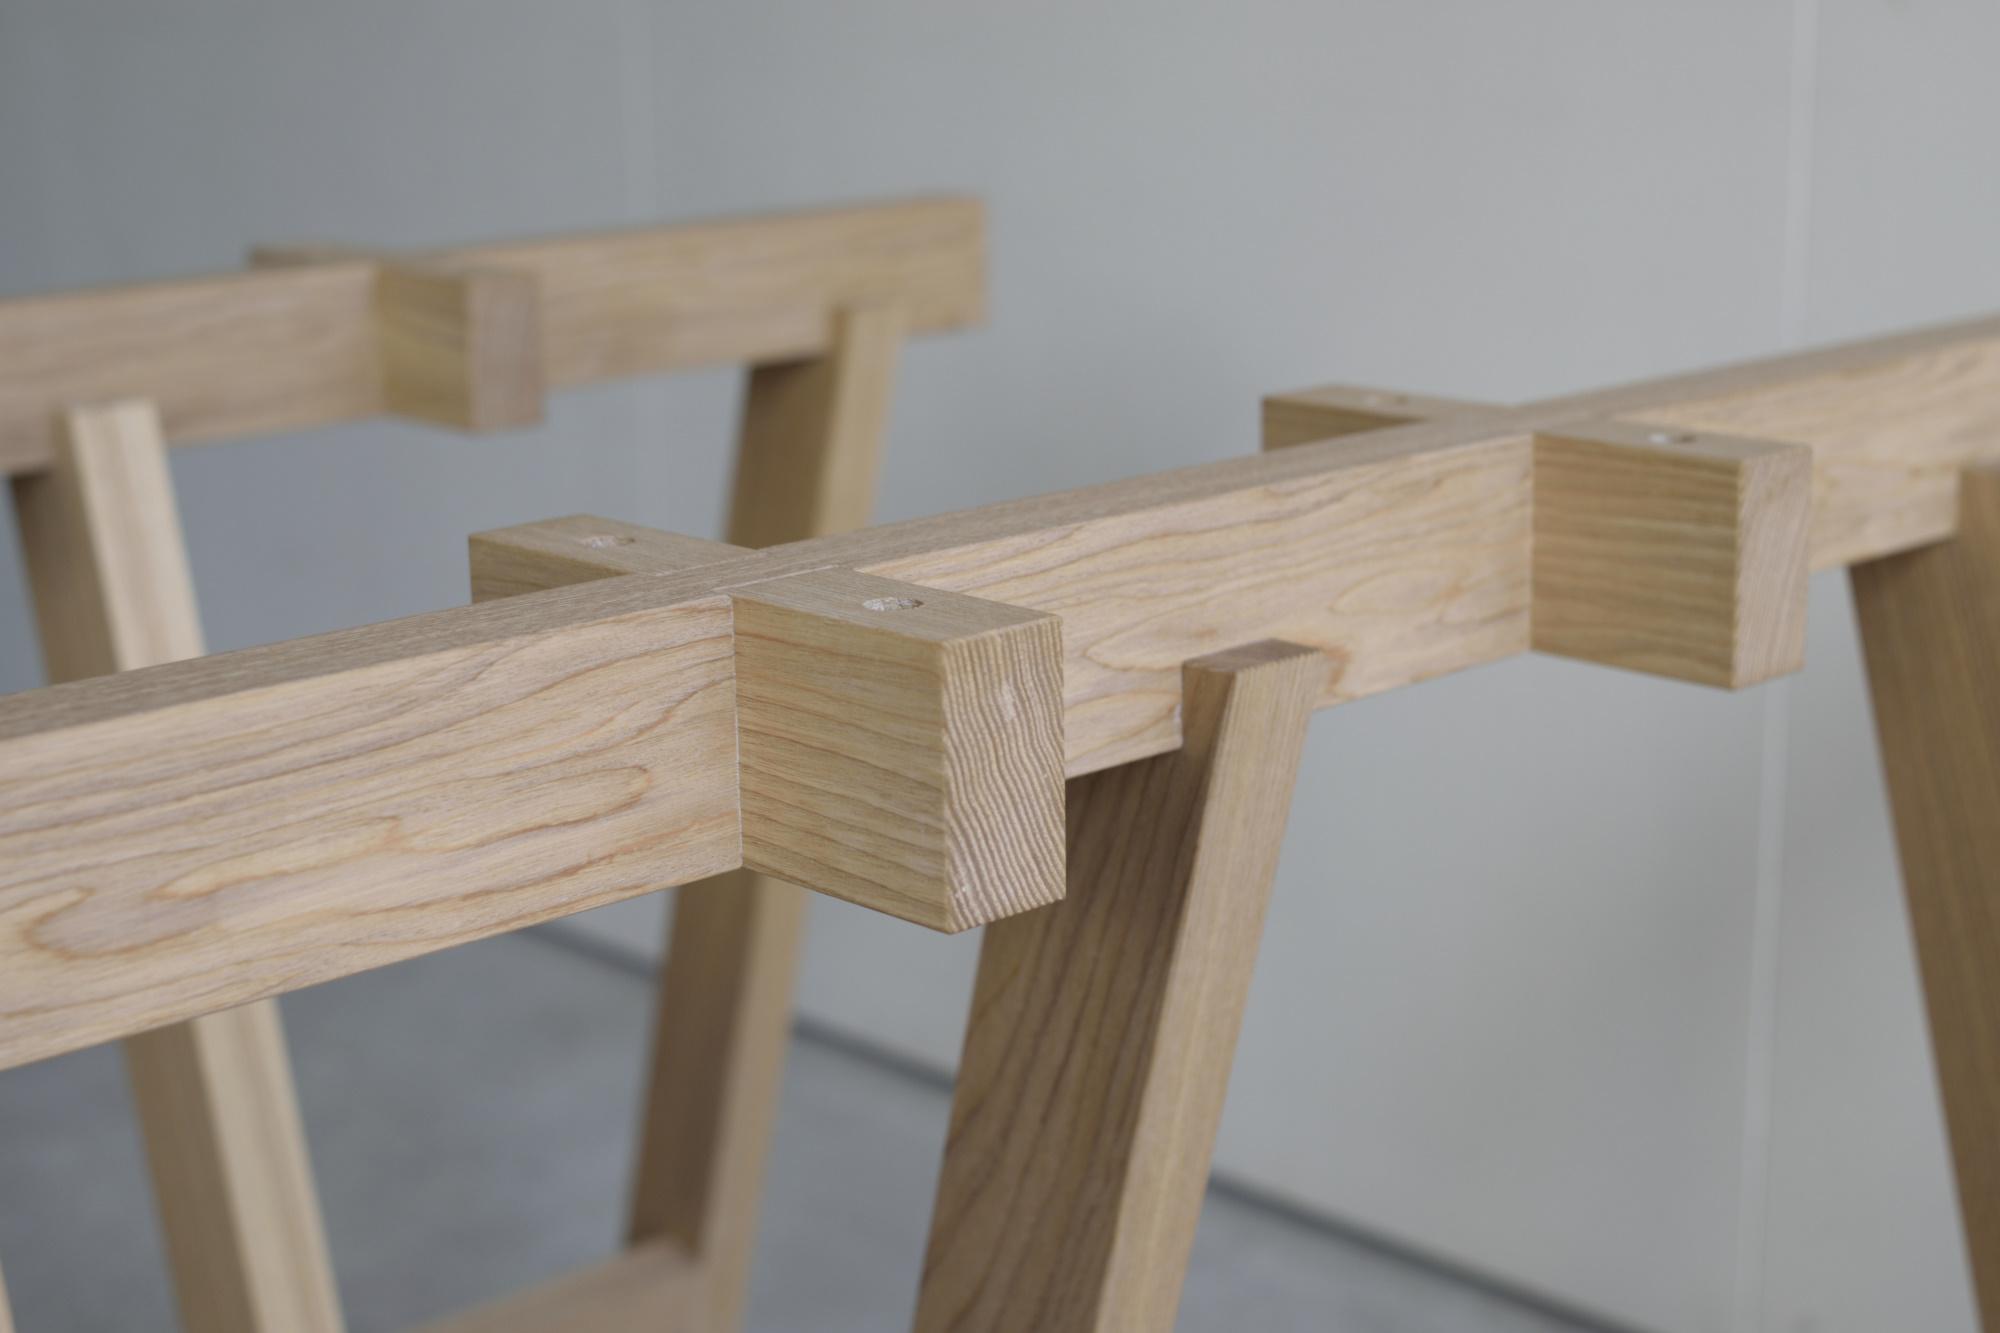 木製ウマ型脚部